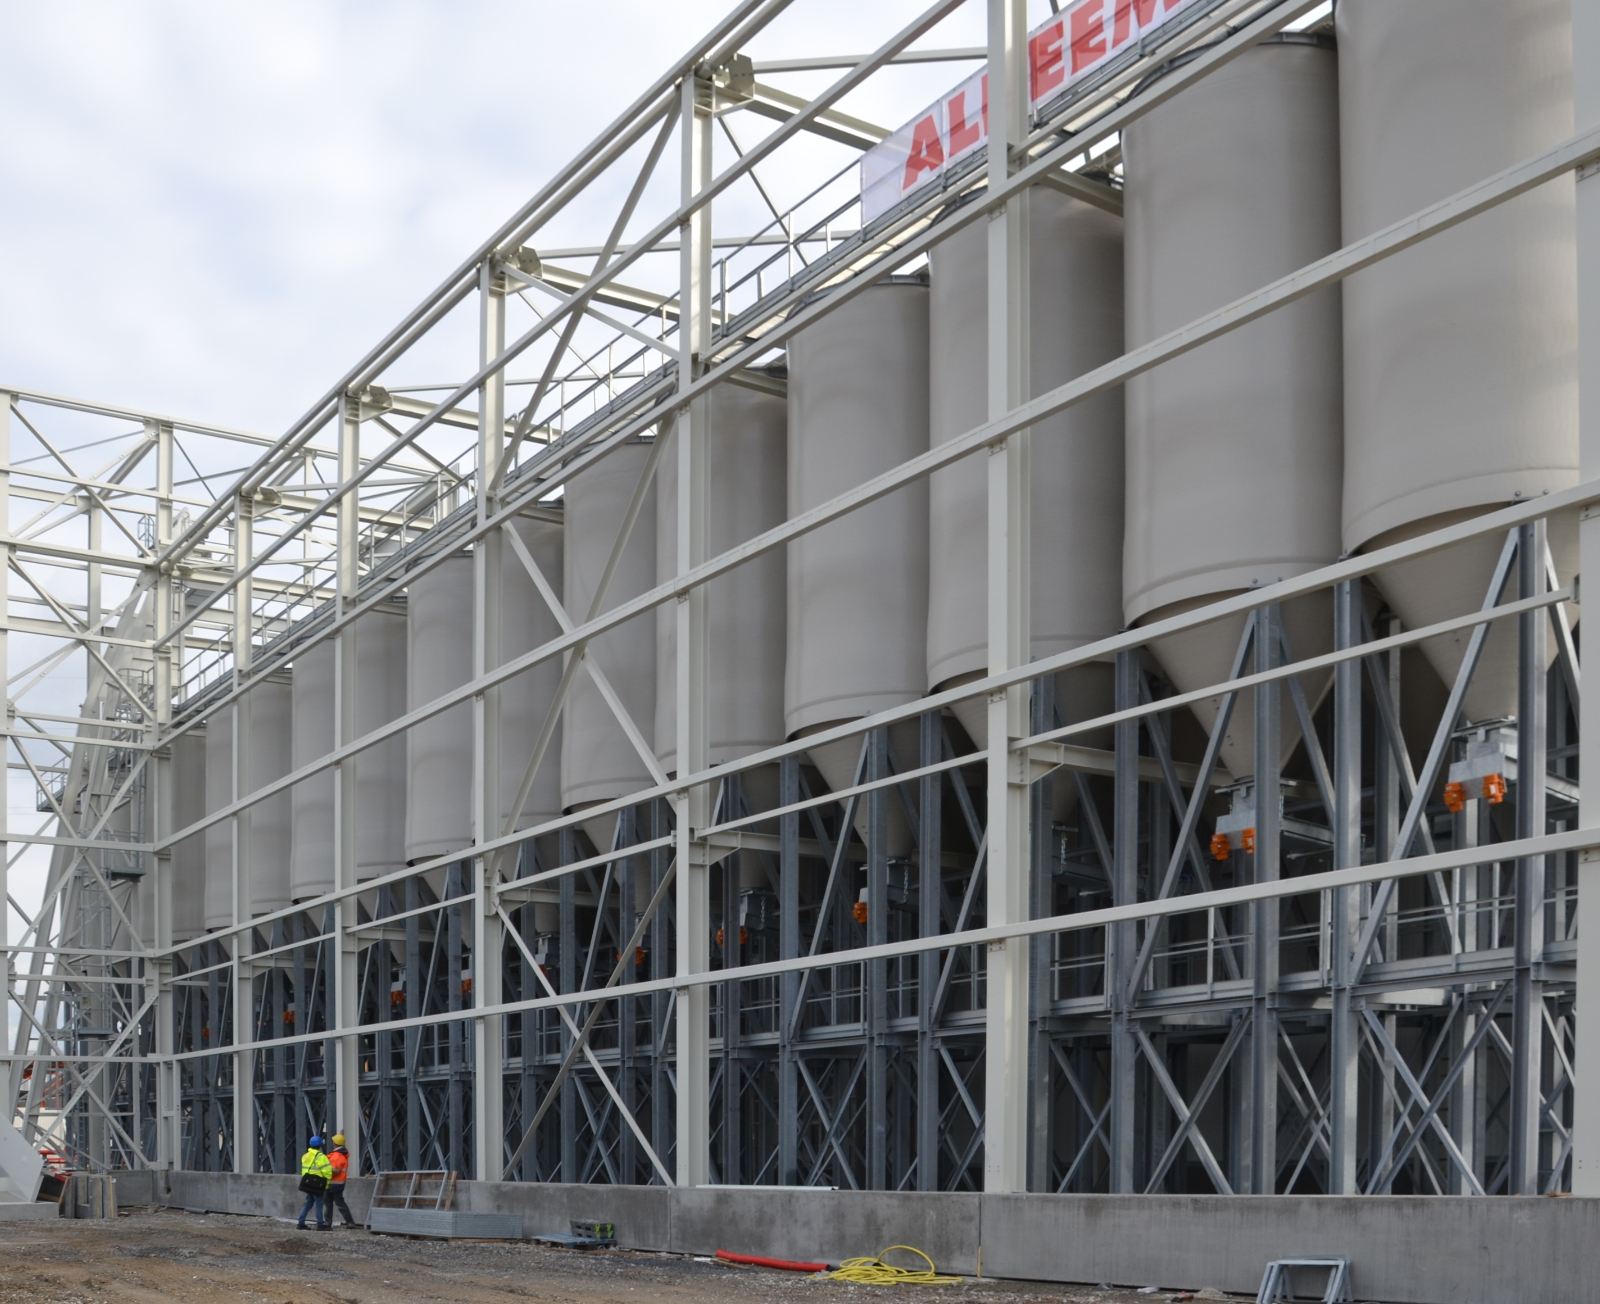 Deux hommes devant un système de plusieurs silos blancs habillés et avec une structure de support en acier.